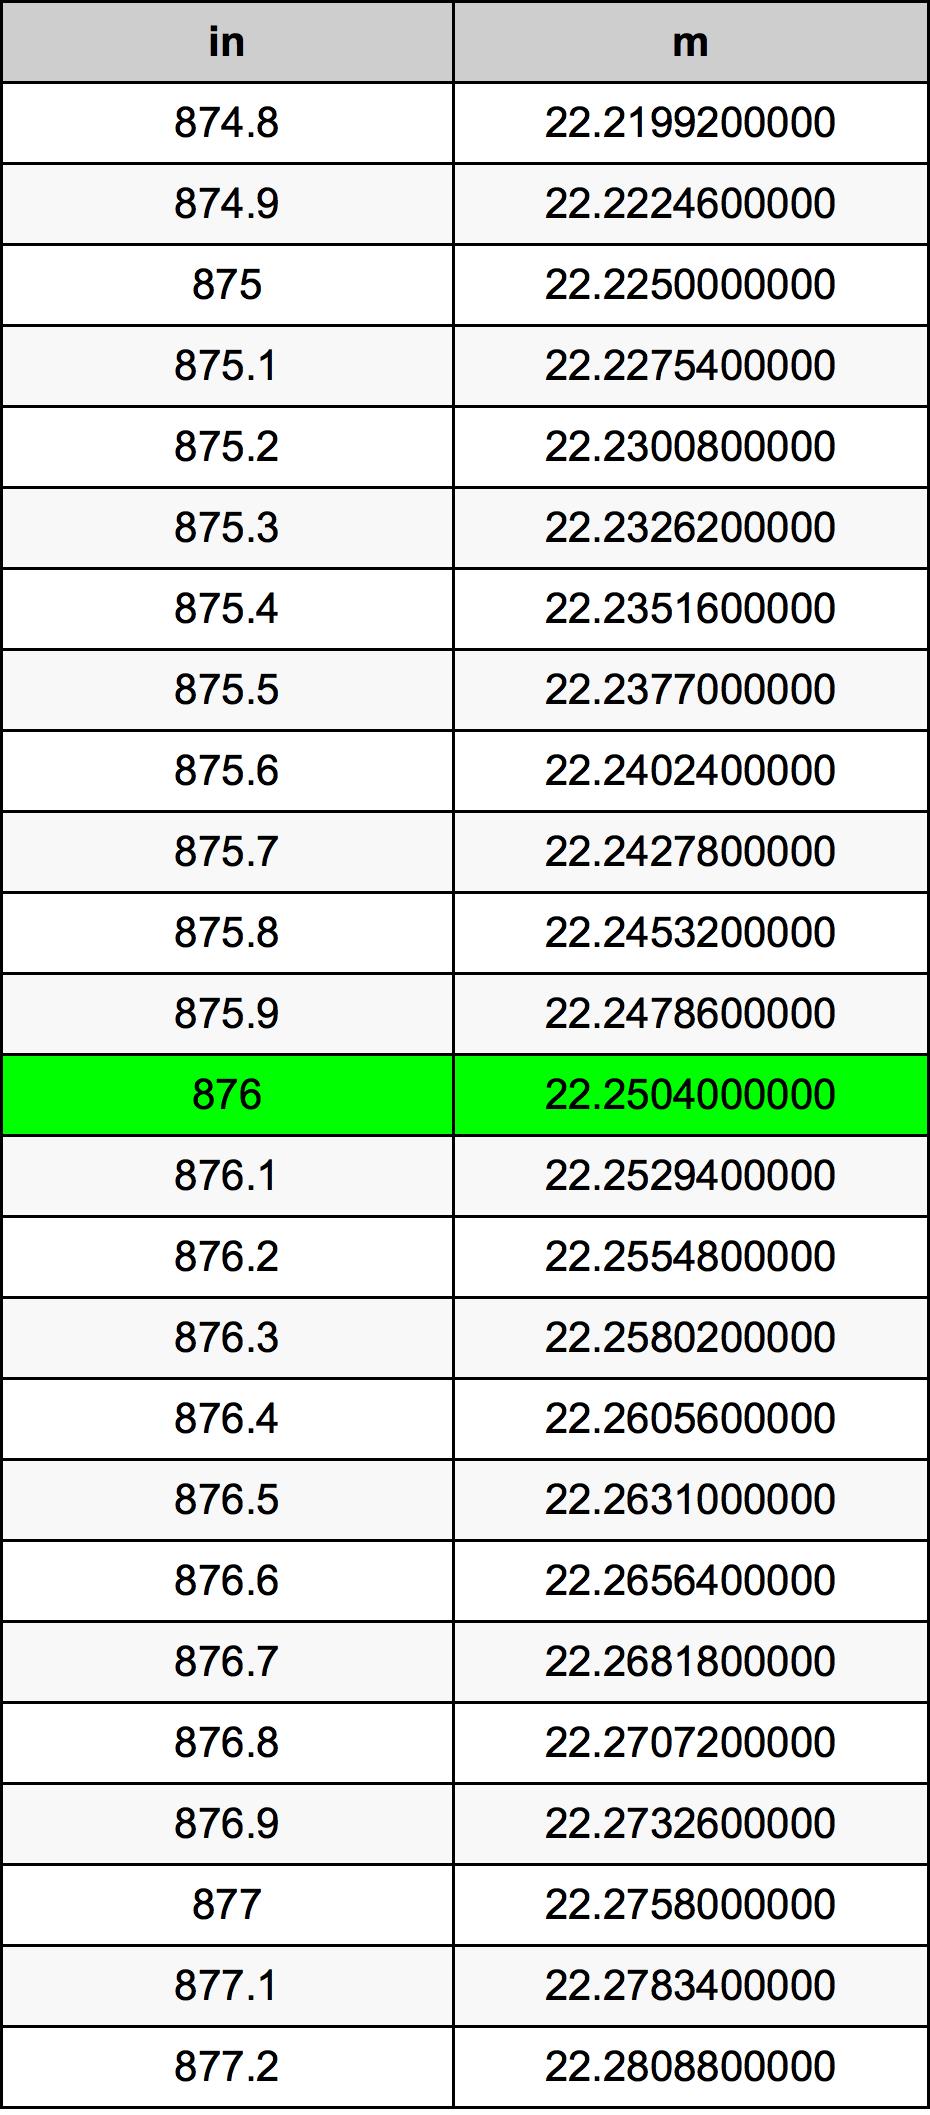 876 بوصة جدول تحويل